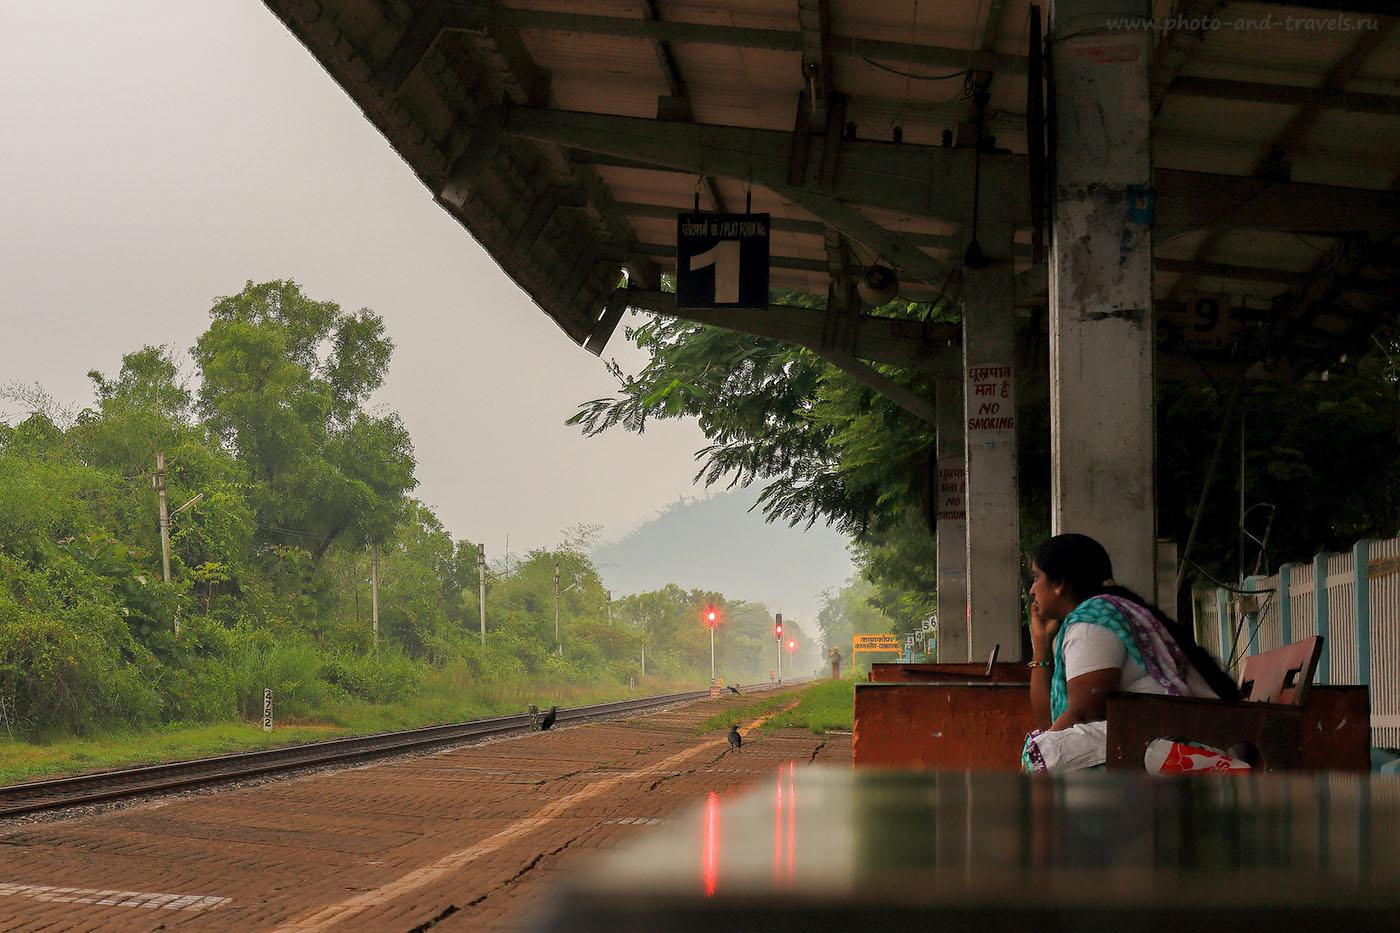 Фото 7. В ожидании поезда. Рассказ про поездку на поезде во время отдыха в Гоа (24-70, 1.6сек., 0eV, f9,64mm, ISO 100) (24-70, 1.6сек., 0eV, f9,64mm, ISO 100)